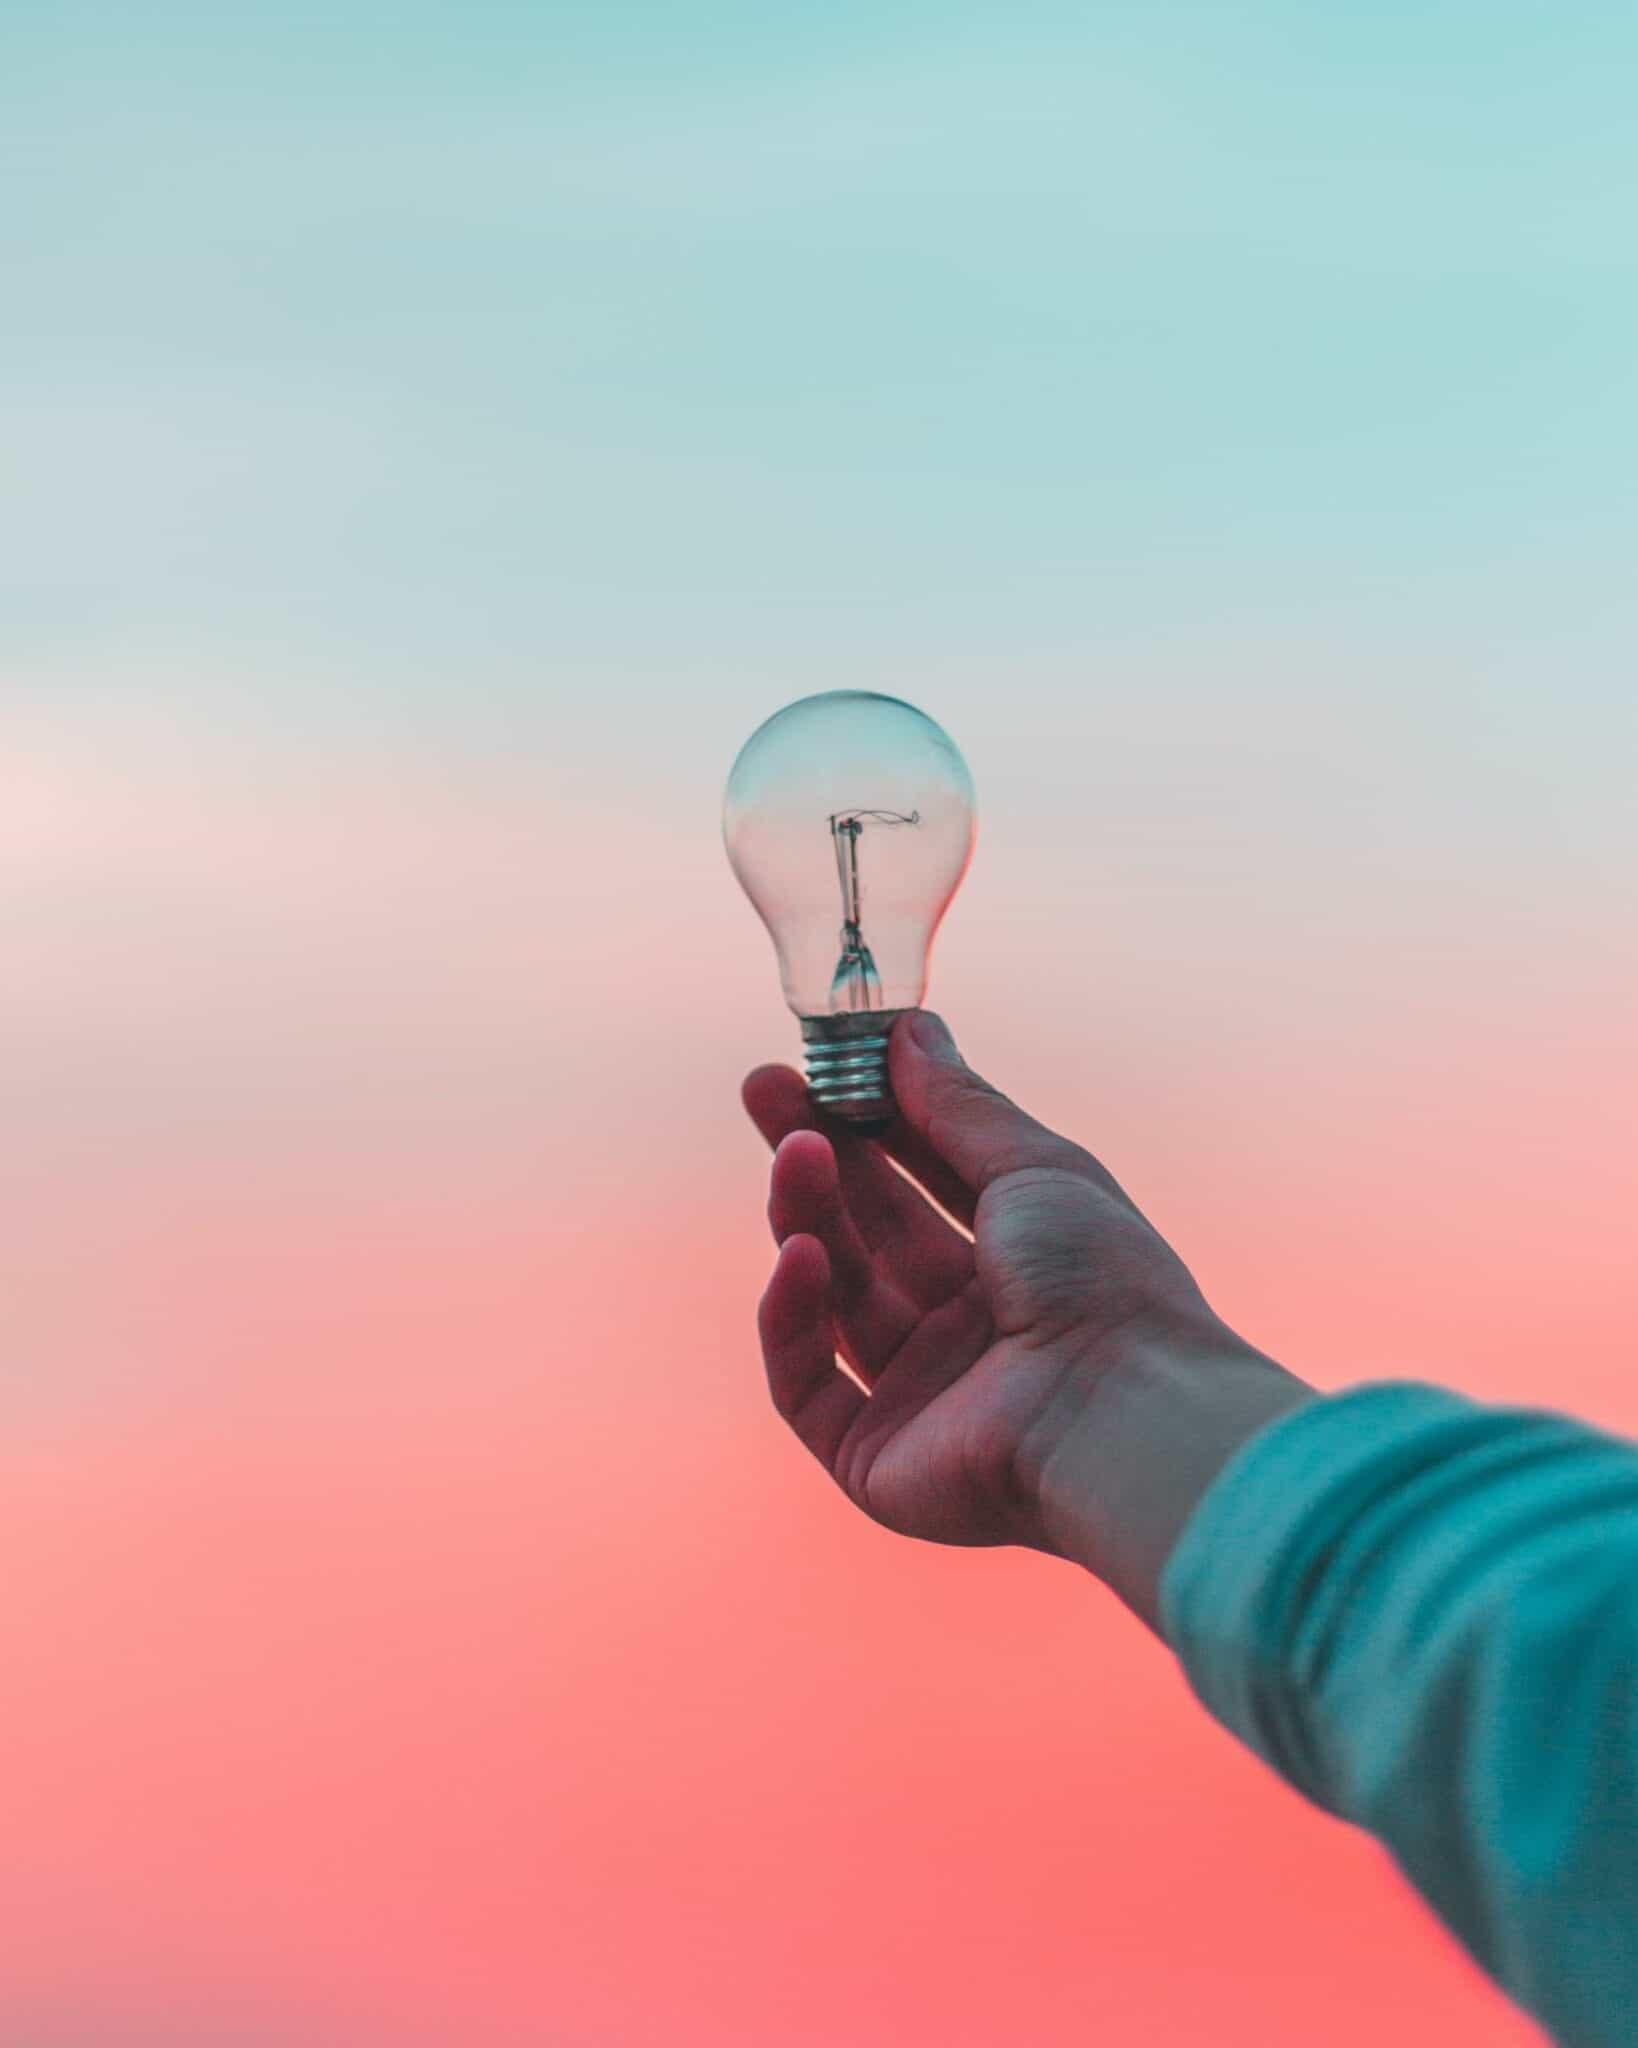 Weet jij wat affiliate marketing is? En hoe je het als student kan gebruiken om bij te verdienen? Je leest het op SkereStudent.com!